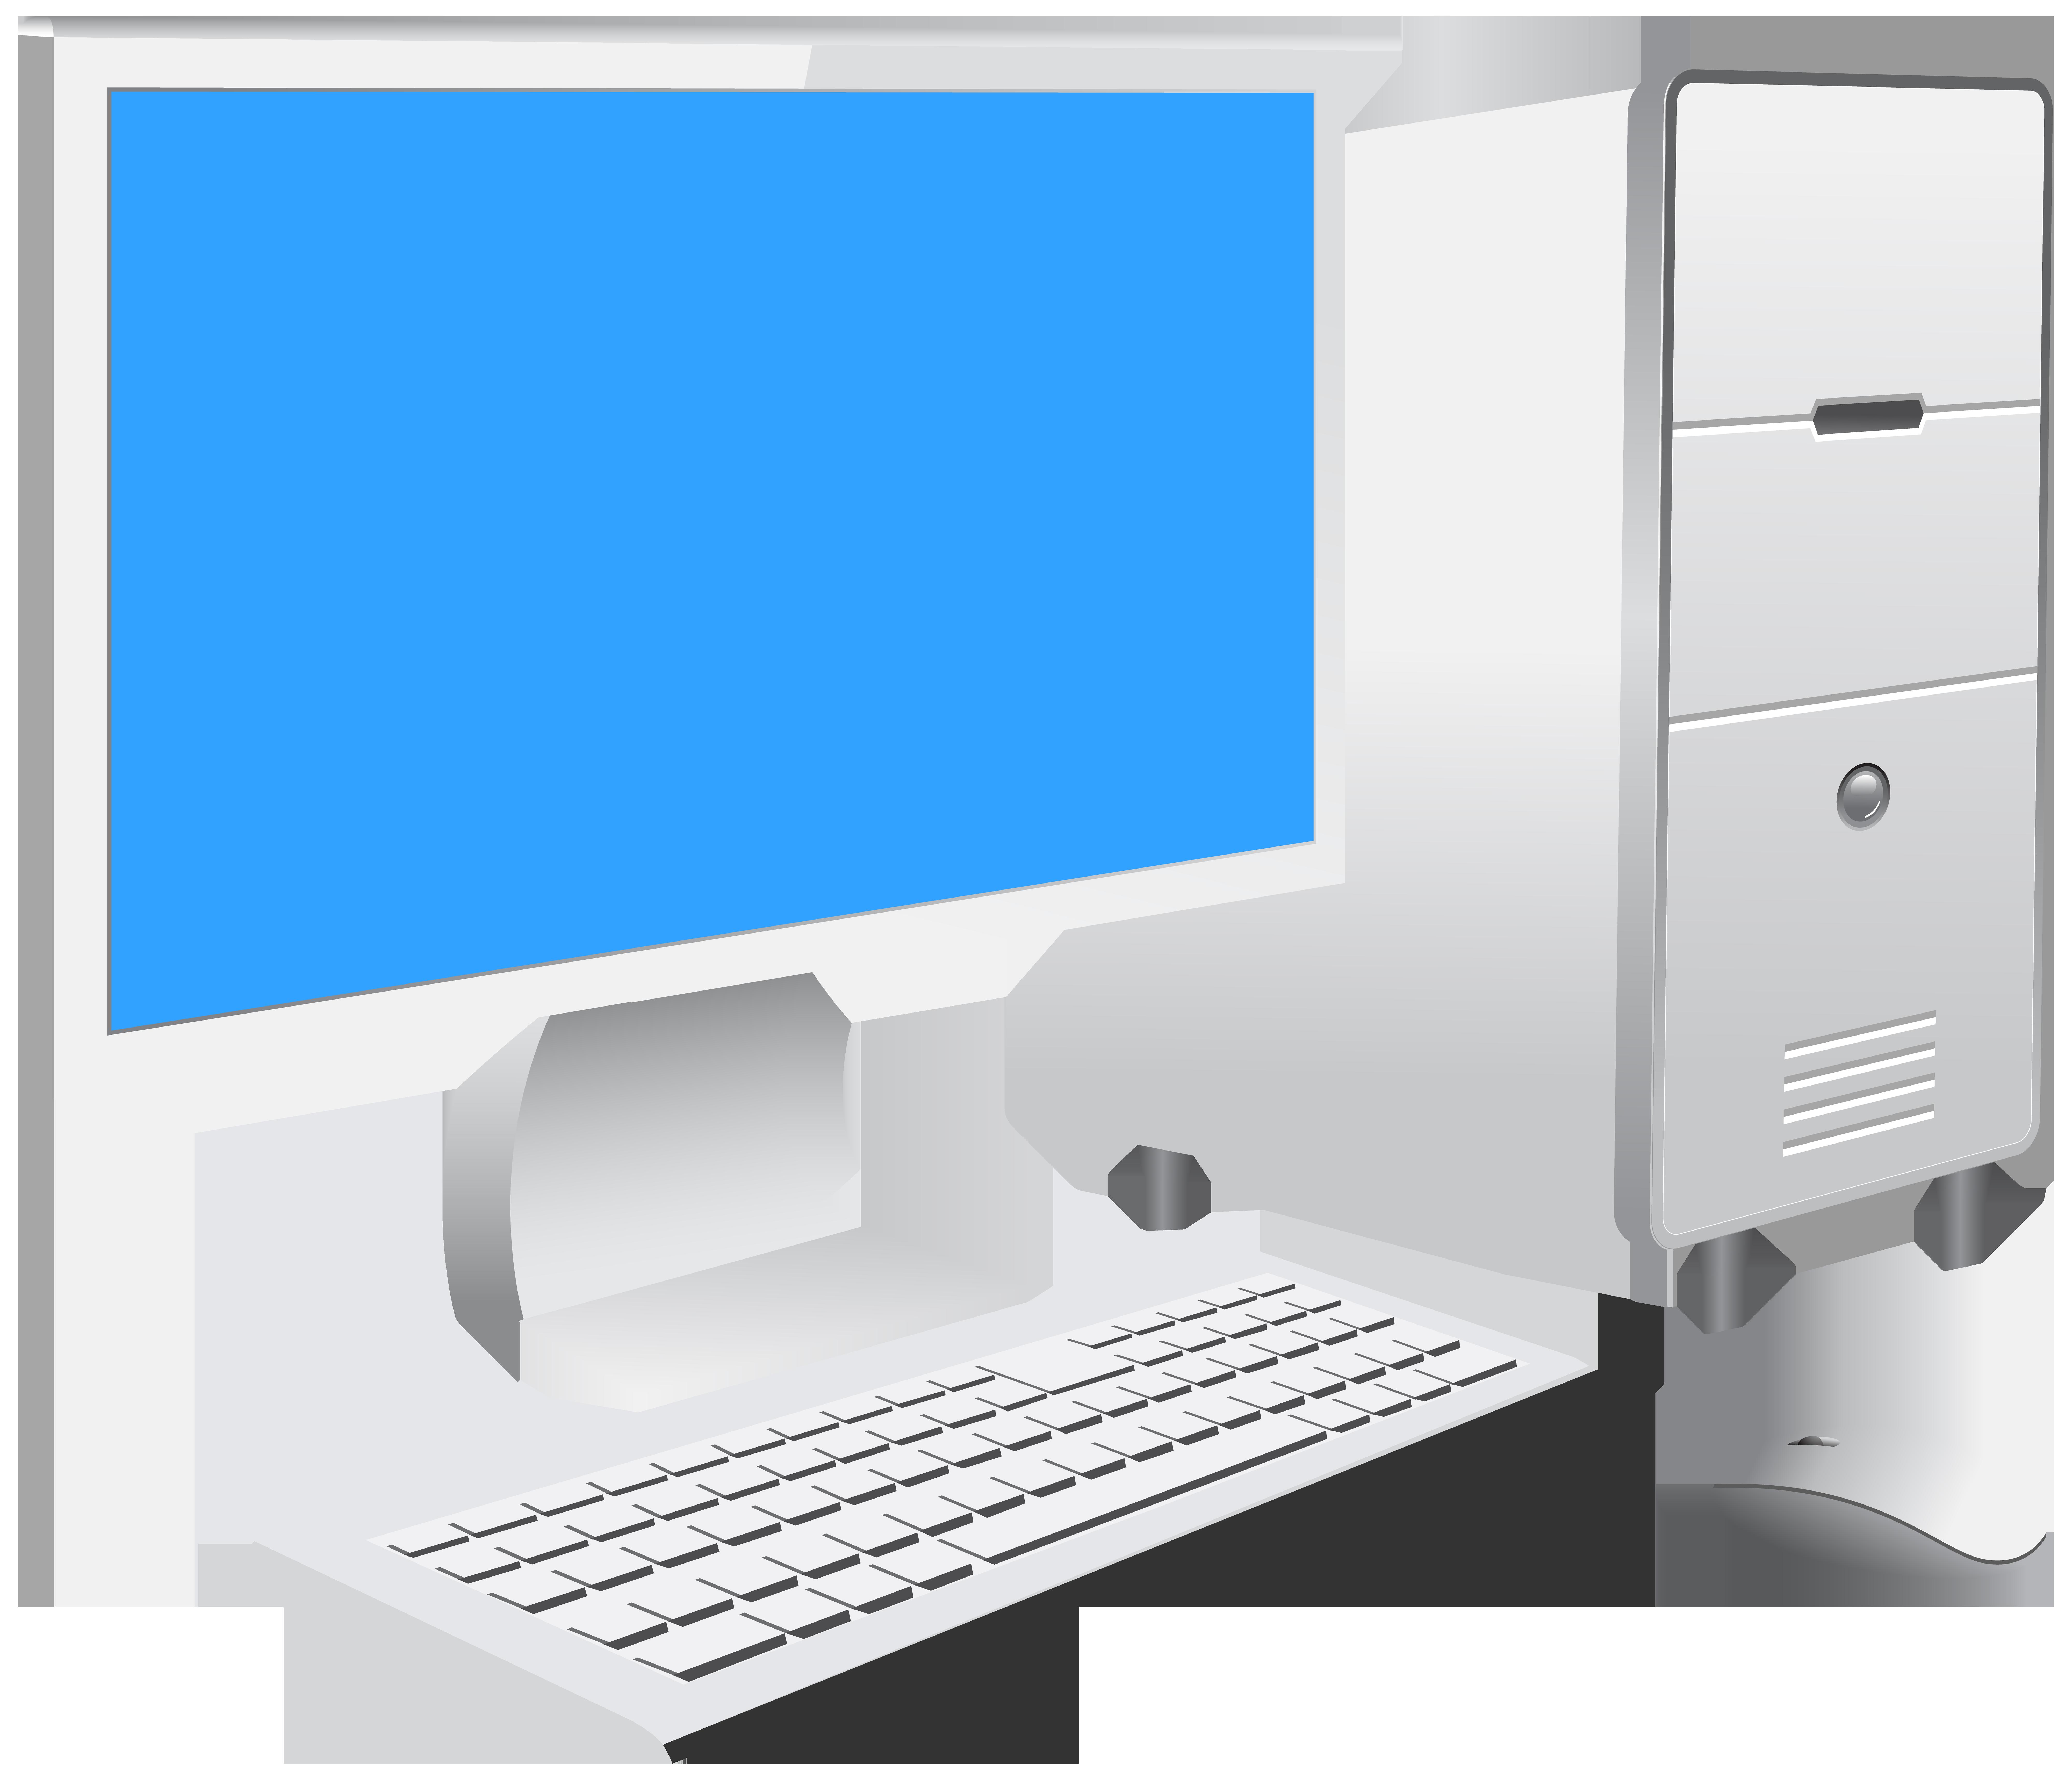 Pc set png clip. Computer clipart transparent background